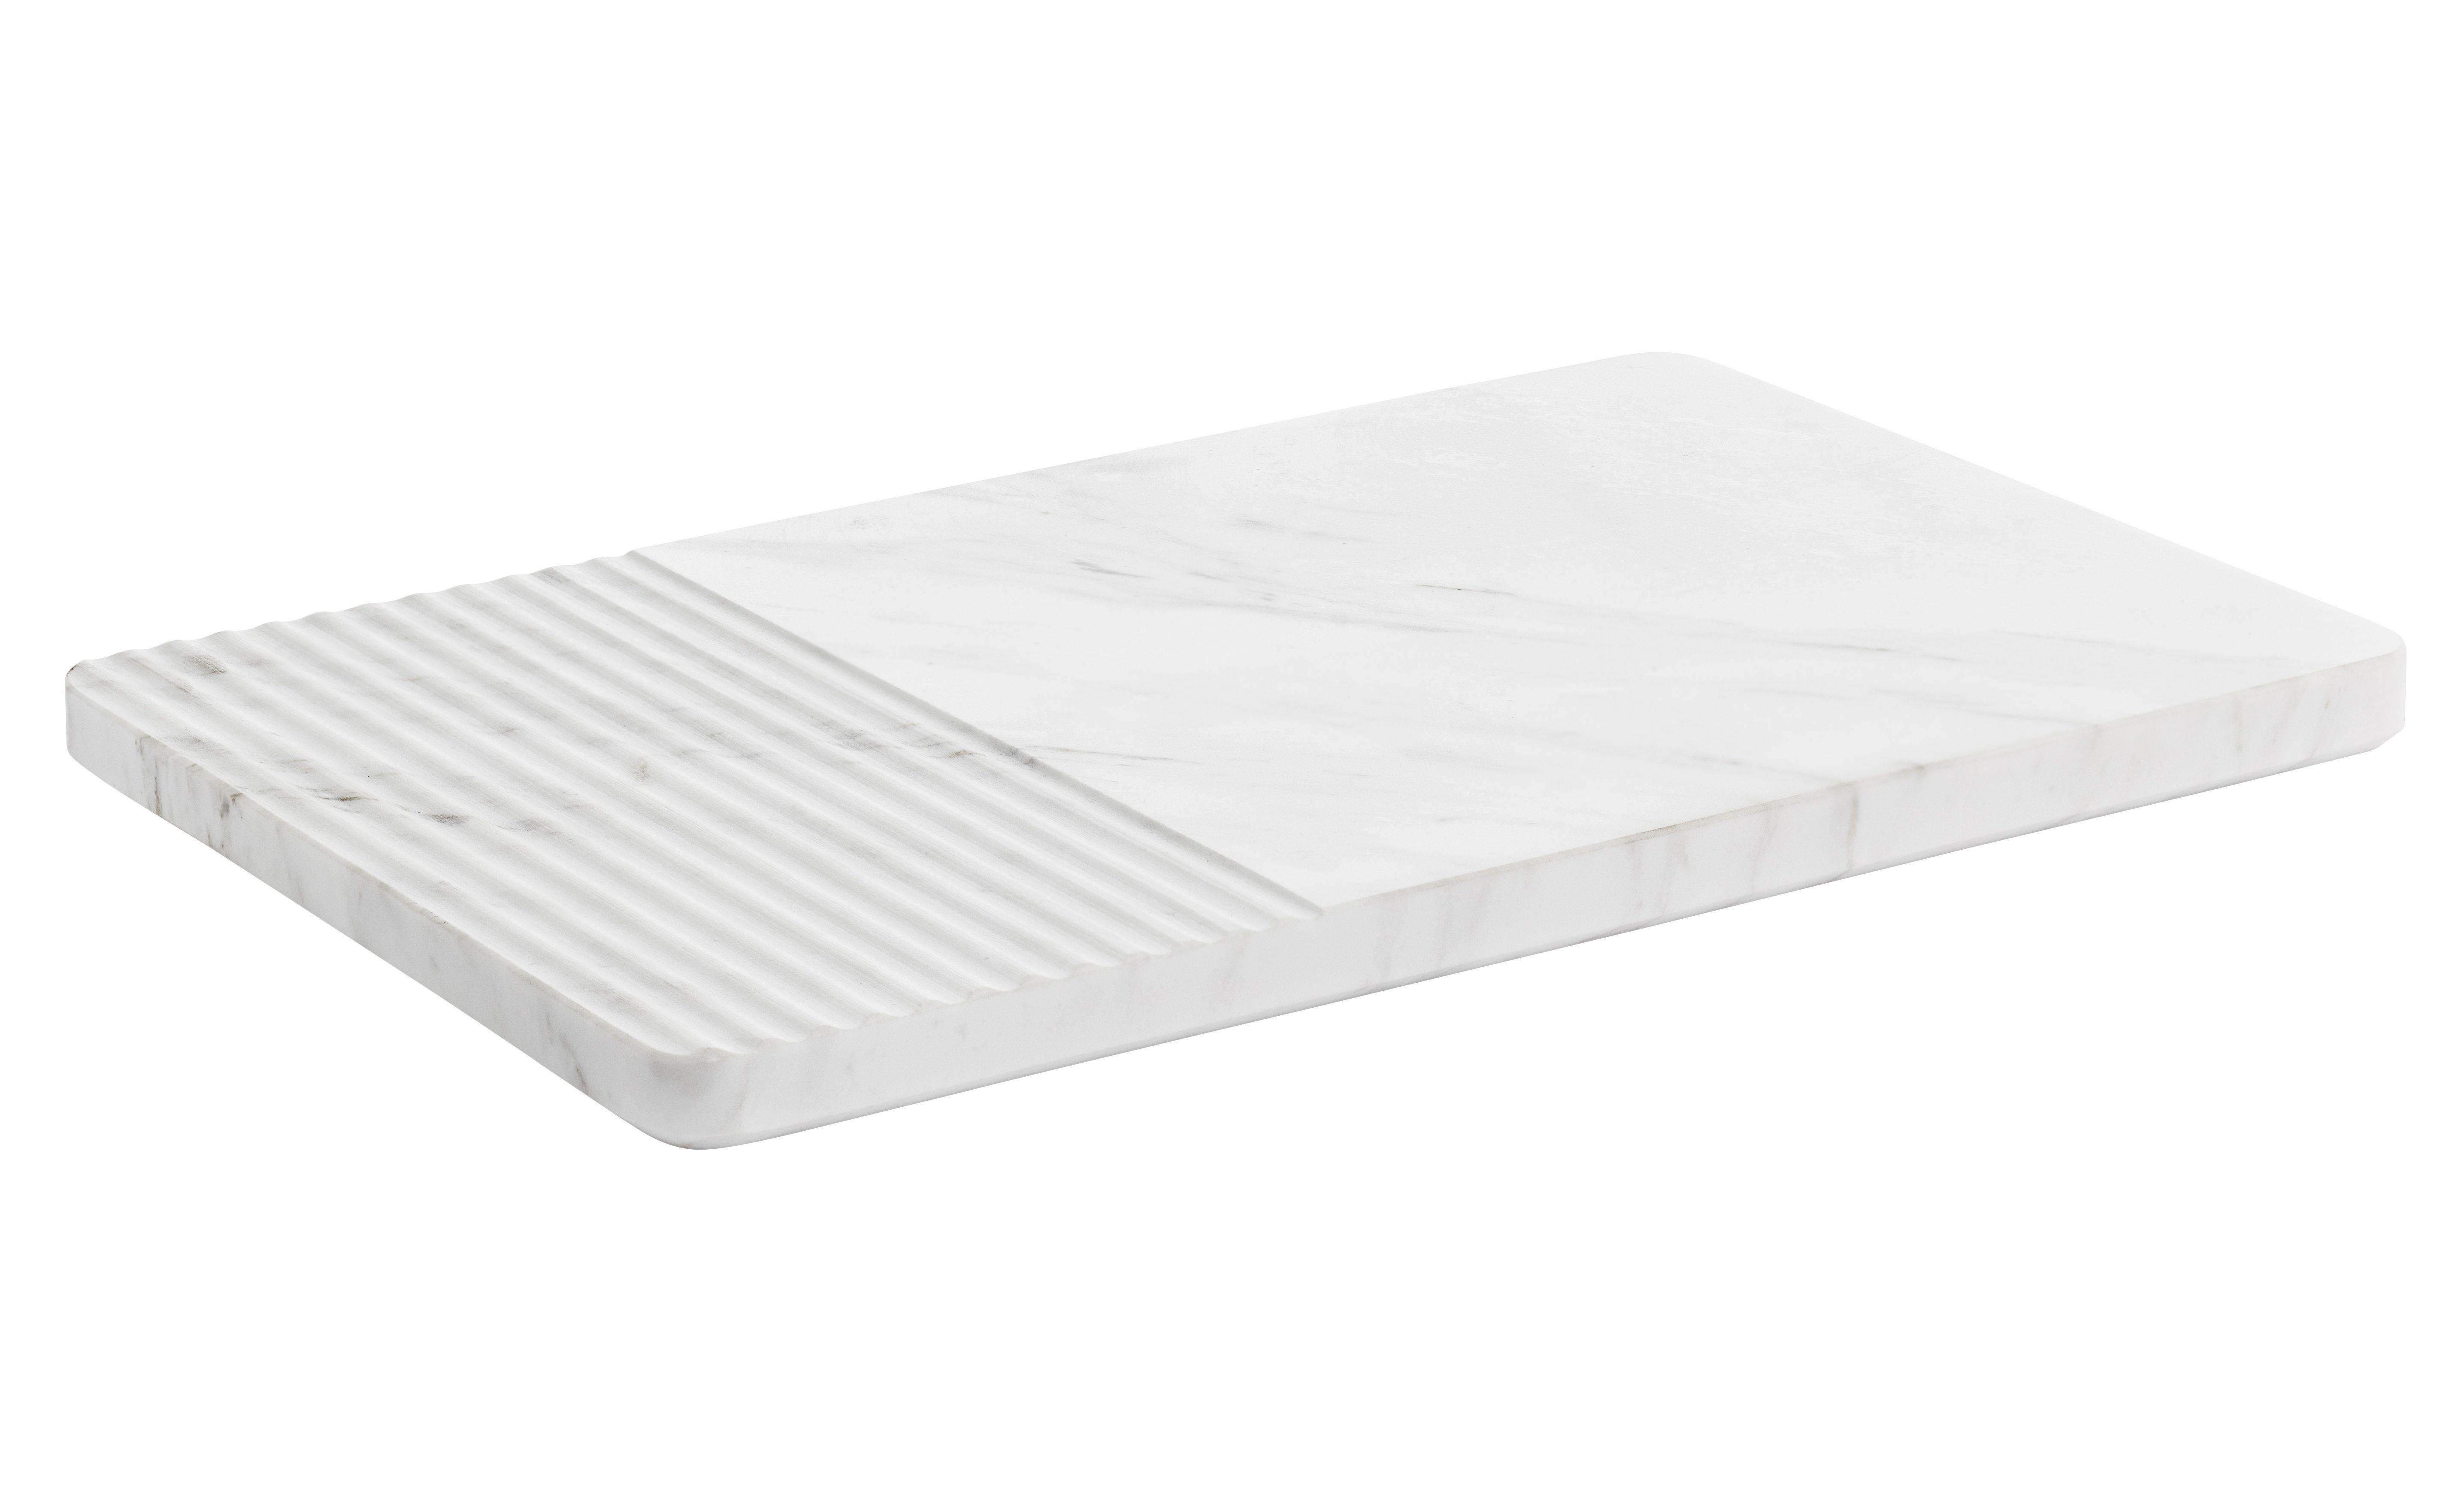 planche d couper groove plateau marbre 30 x 19 cm blanc muuto. Black Bedroom Furniture Sets. Home Design Ideas